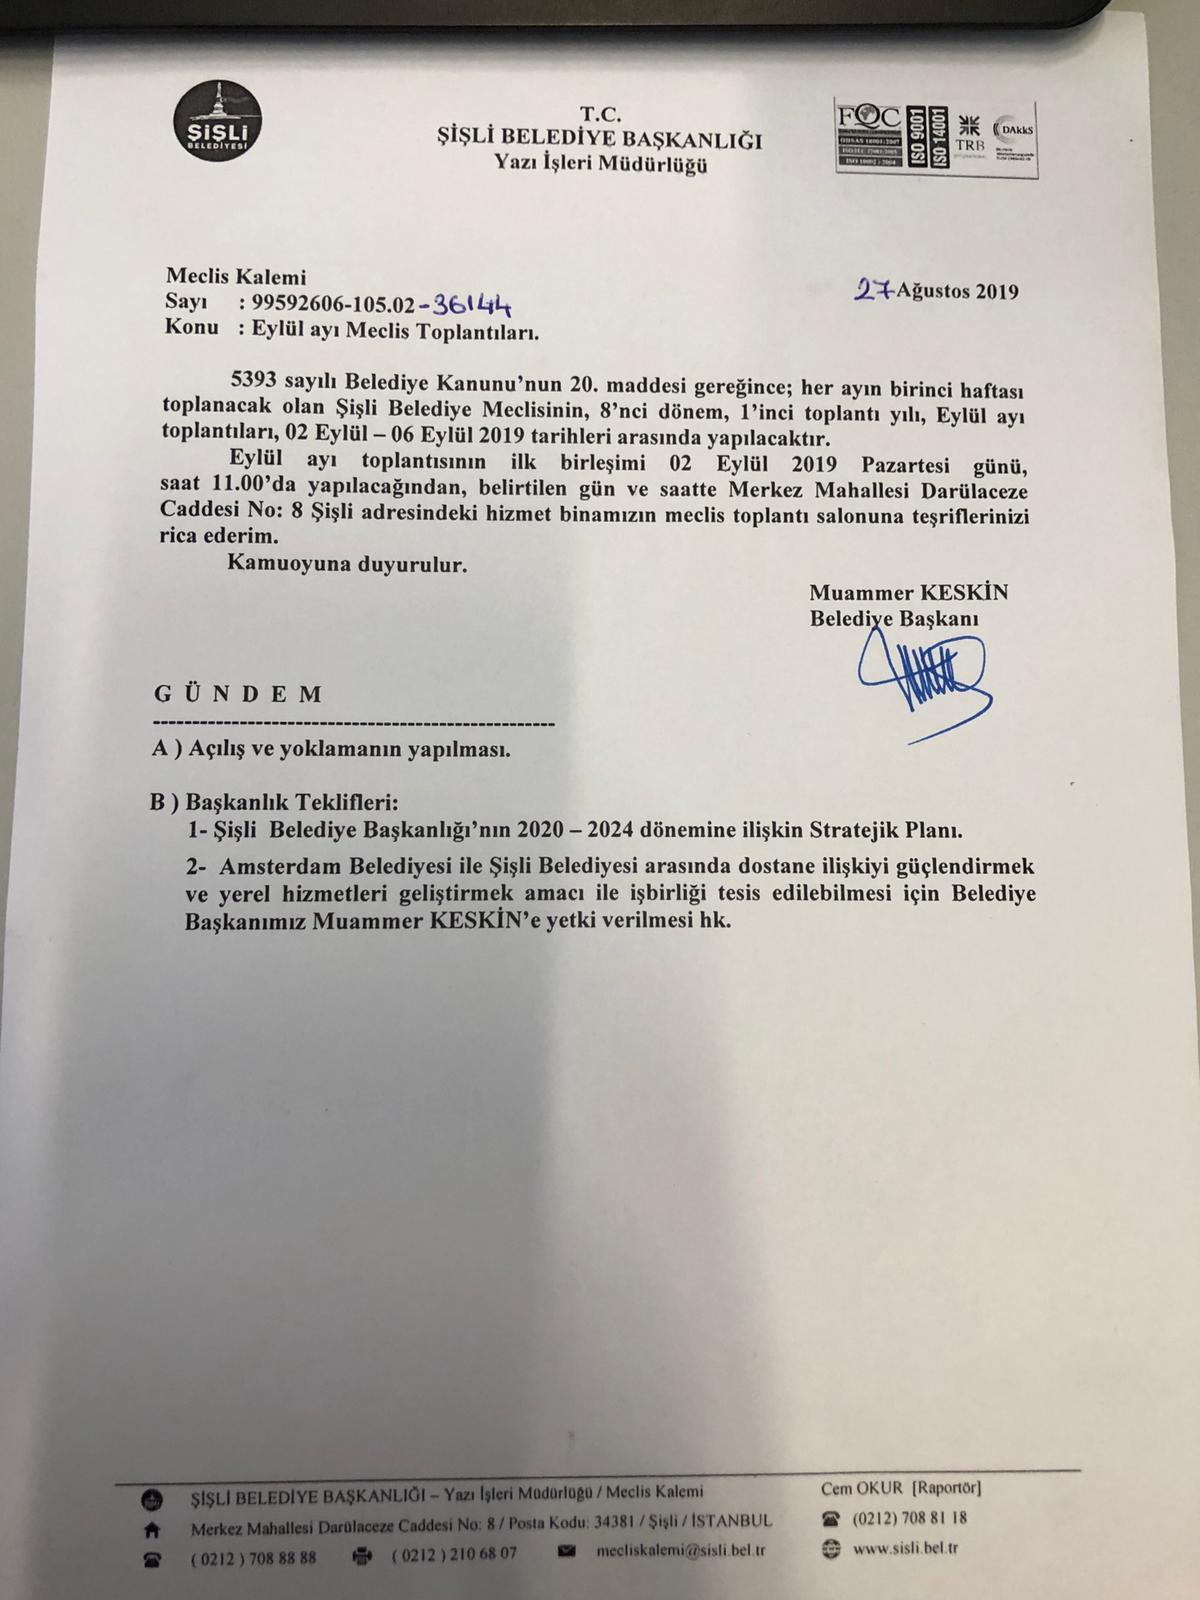 sisli-belediyesi-eylul-ayi-meclis-gundemi.jpg